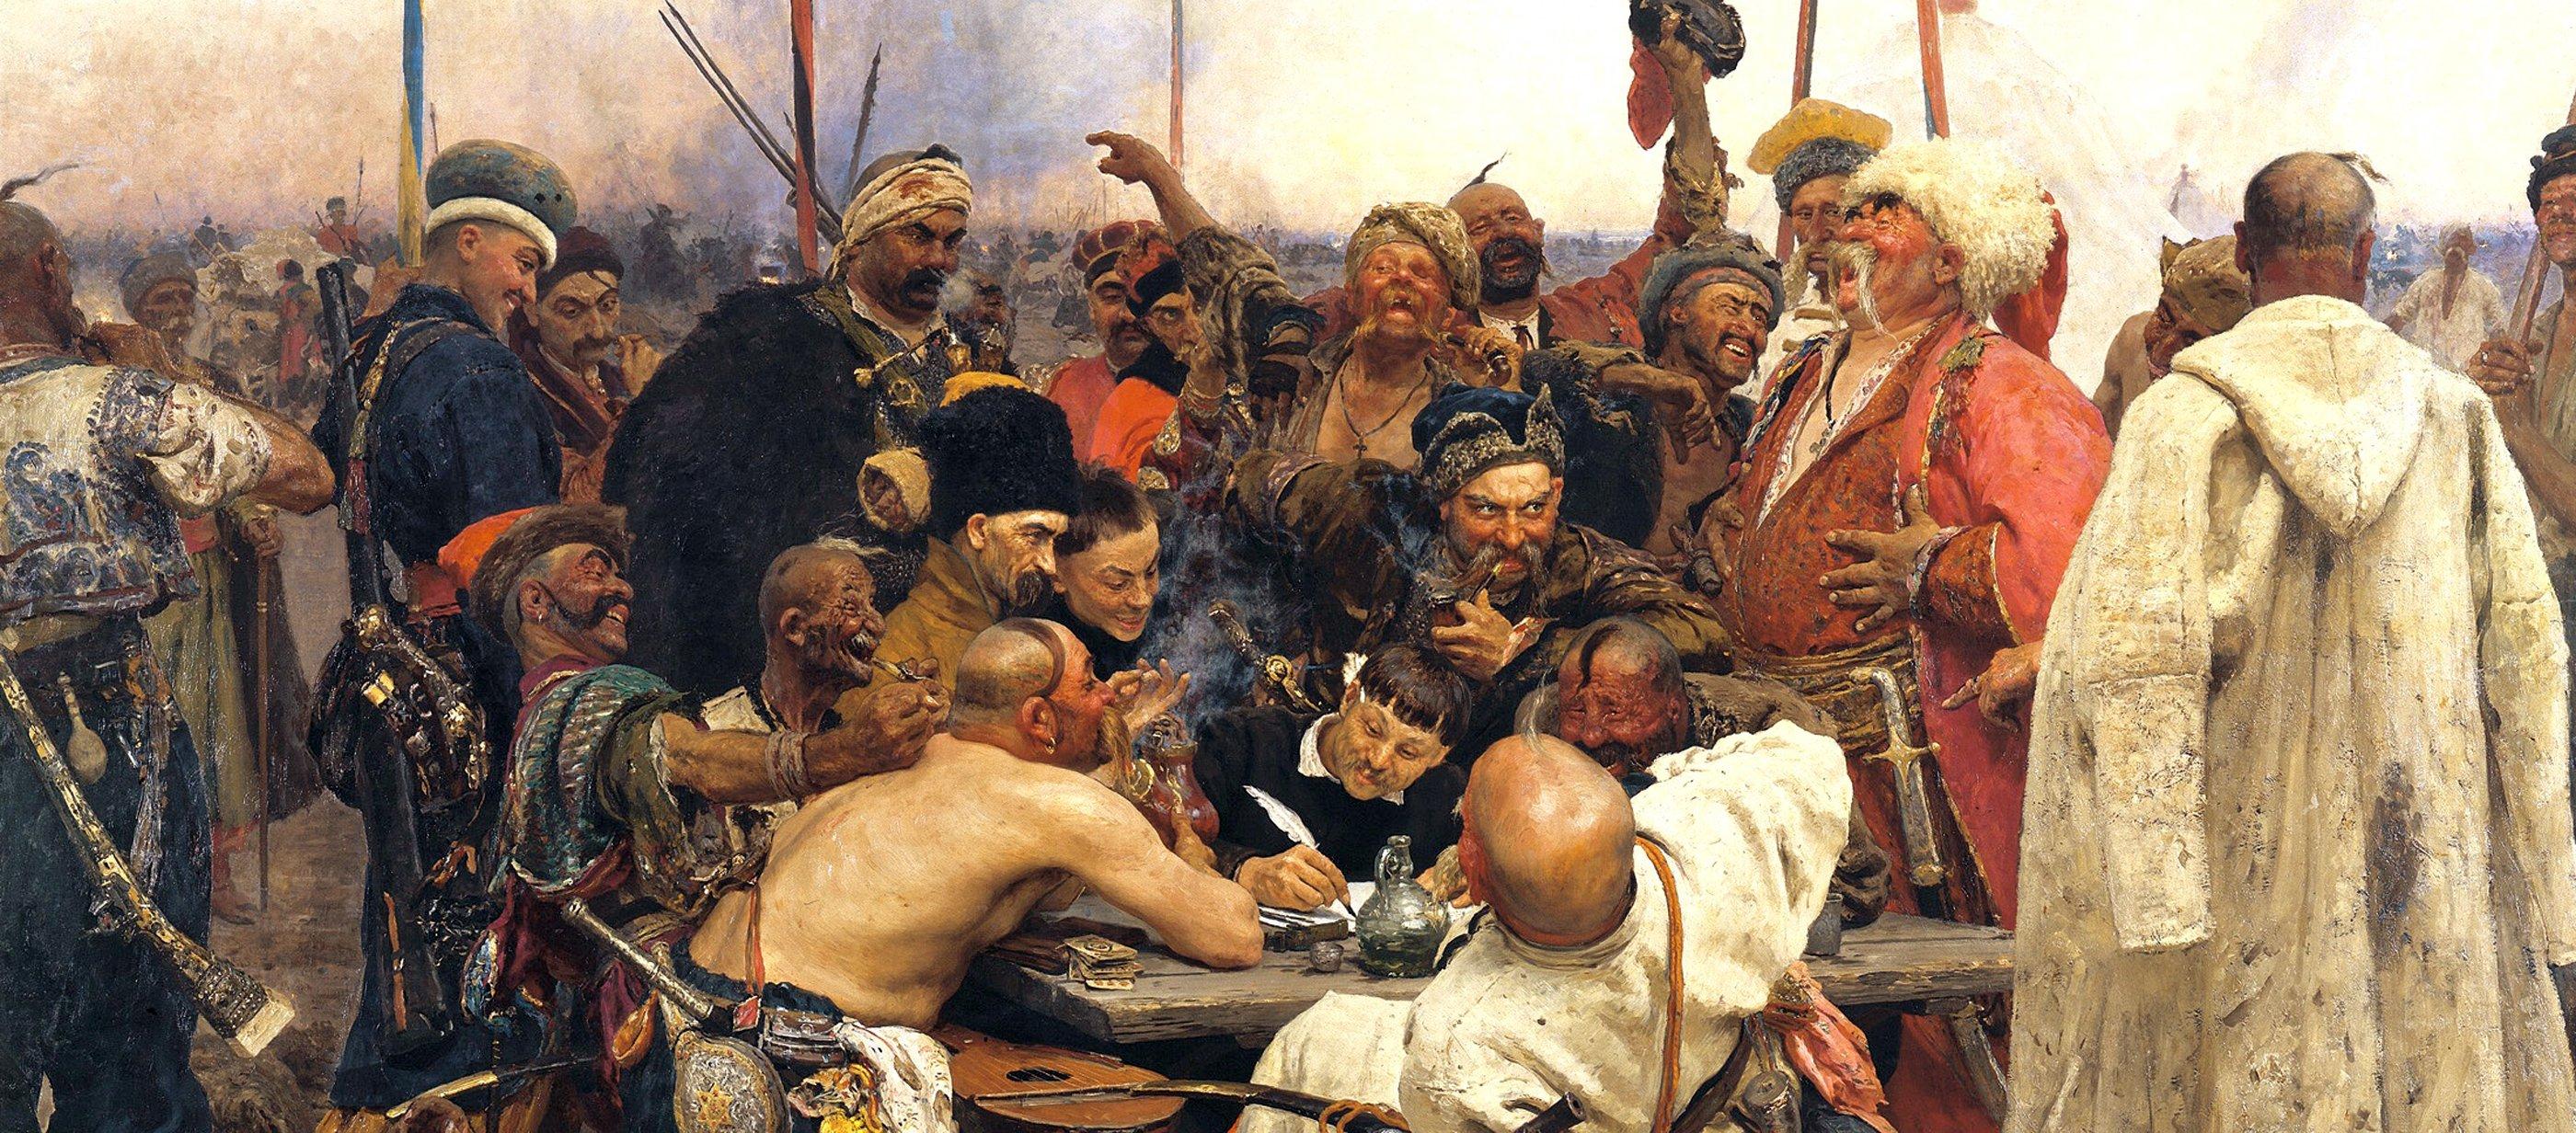 cossacks 3 казаки 3 стратегия баги отвратительные мужики disgusting men